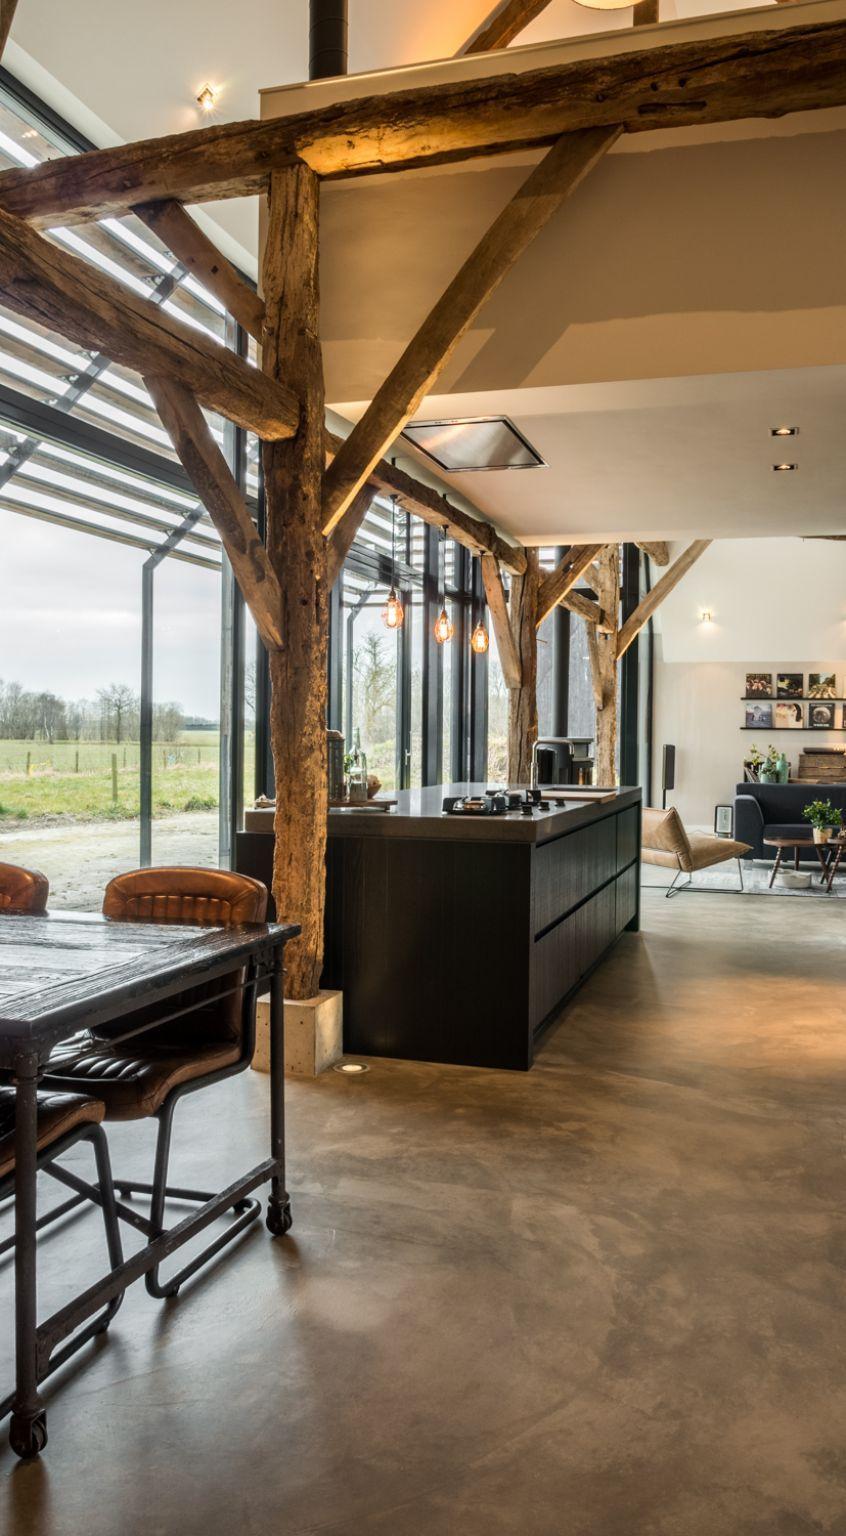 1572516857 117 old barn converted into a modern farmhouse with an authentic design - Old Barn Converted Into A Modern Farmhouse With An Authentic Design